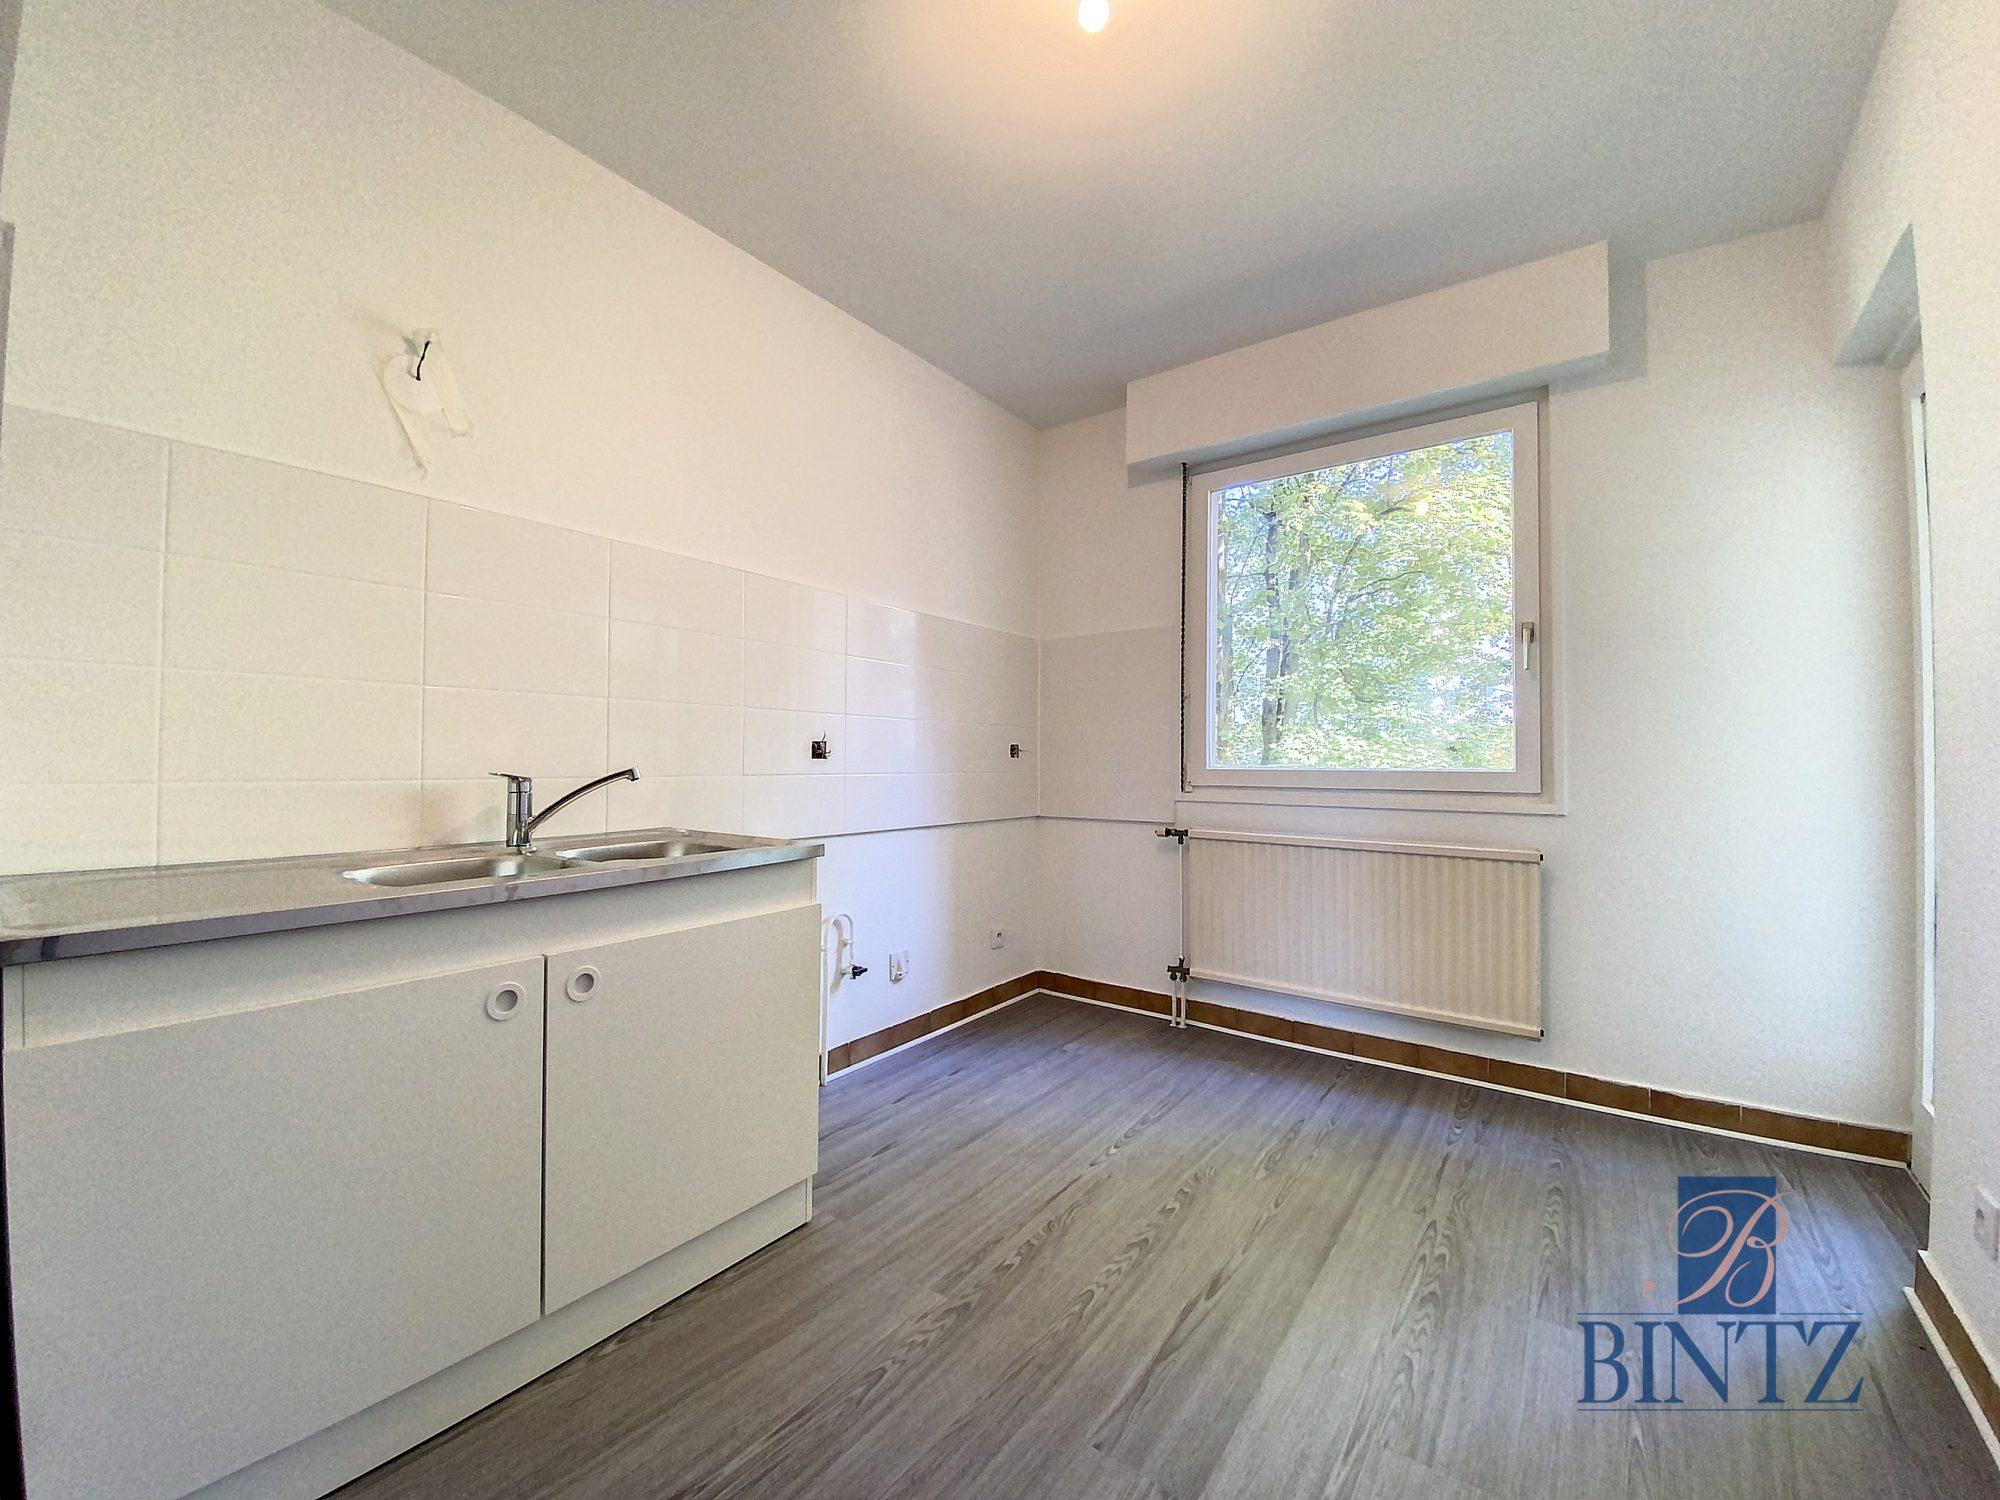 2PÈCES ILLKIRCH - Devenez locataire en toute sérénité - Bintz Immobilier - 12